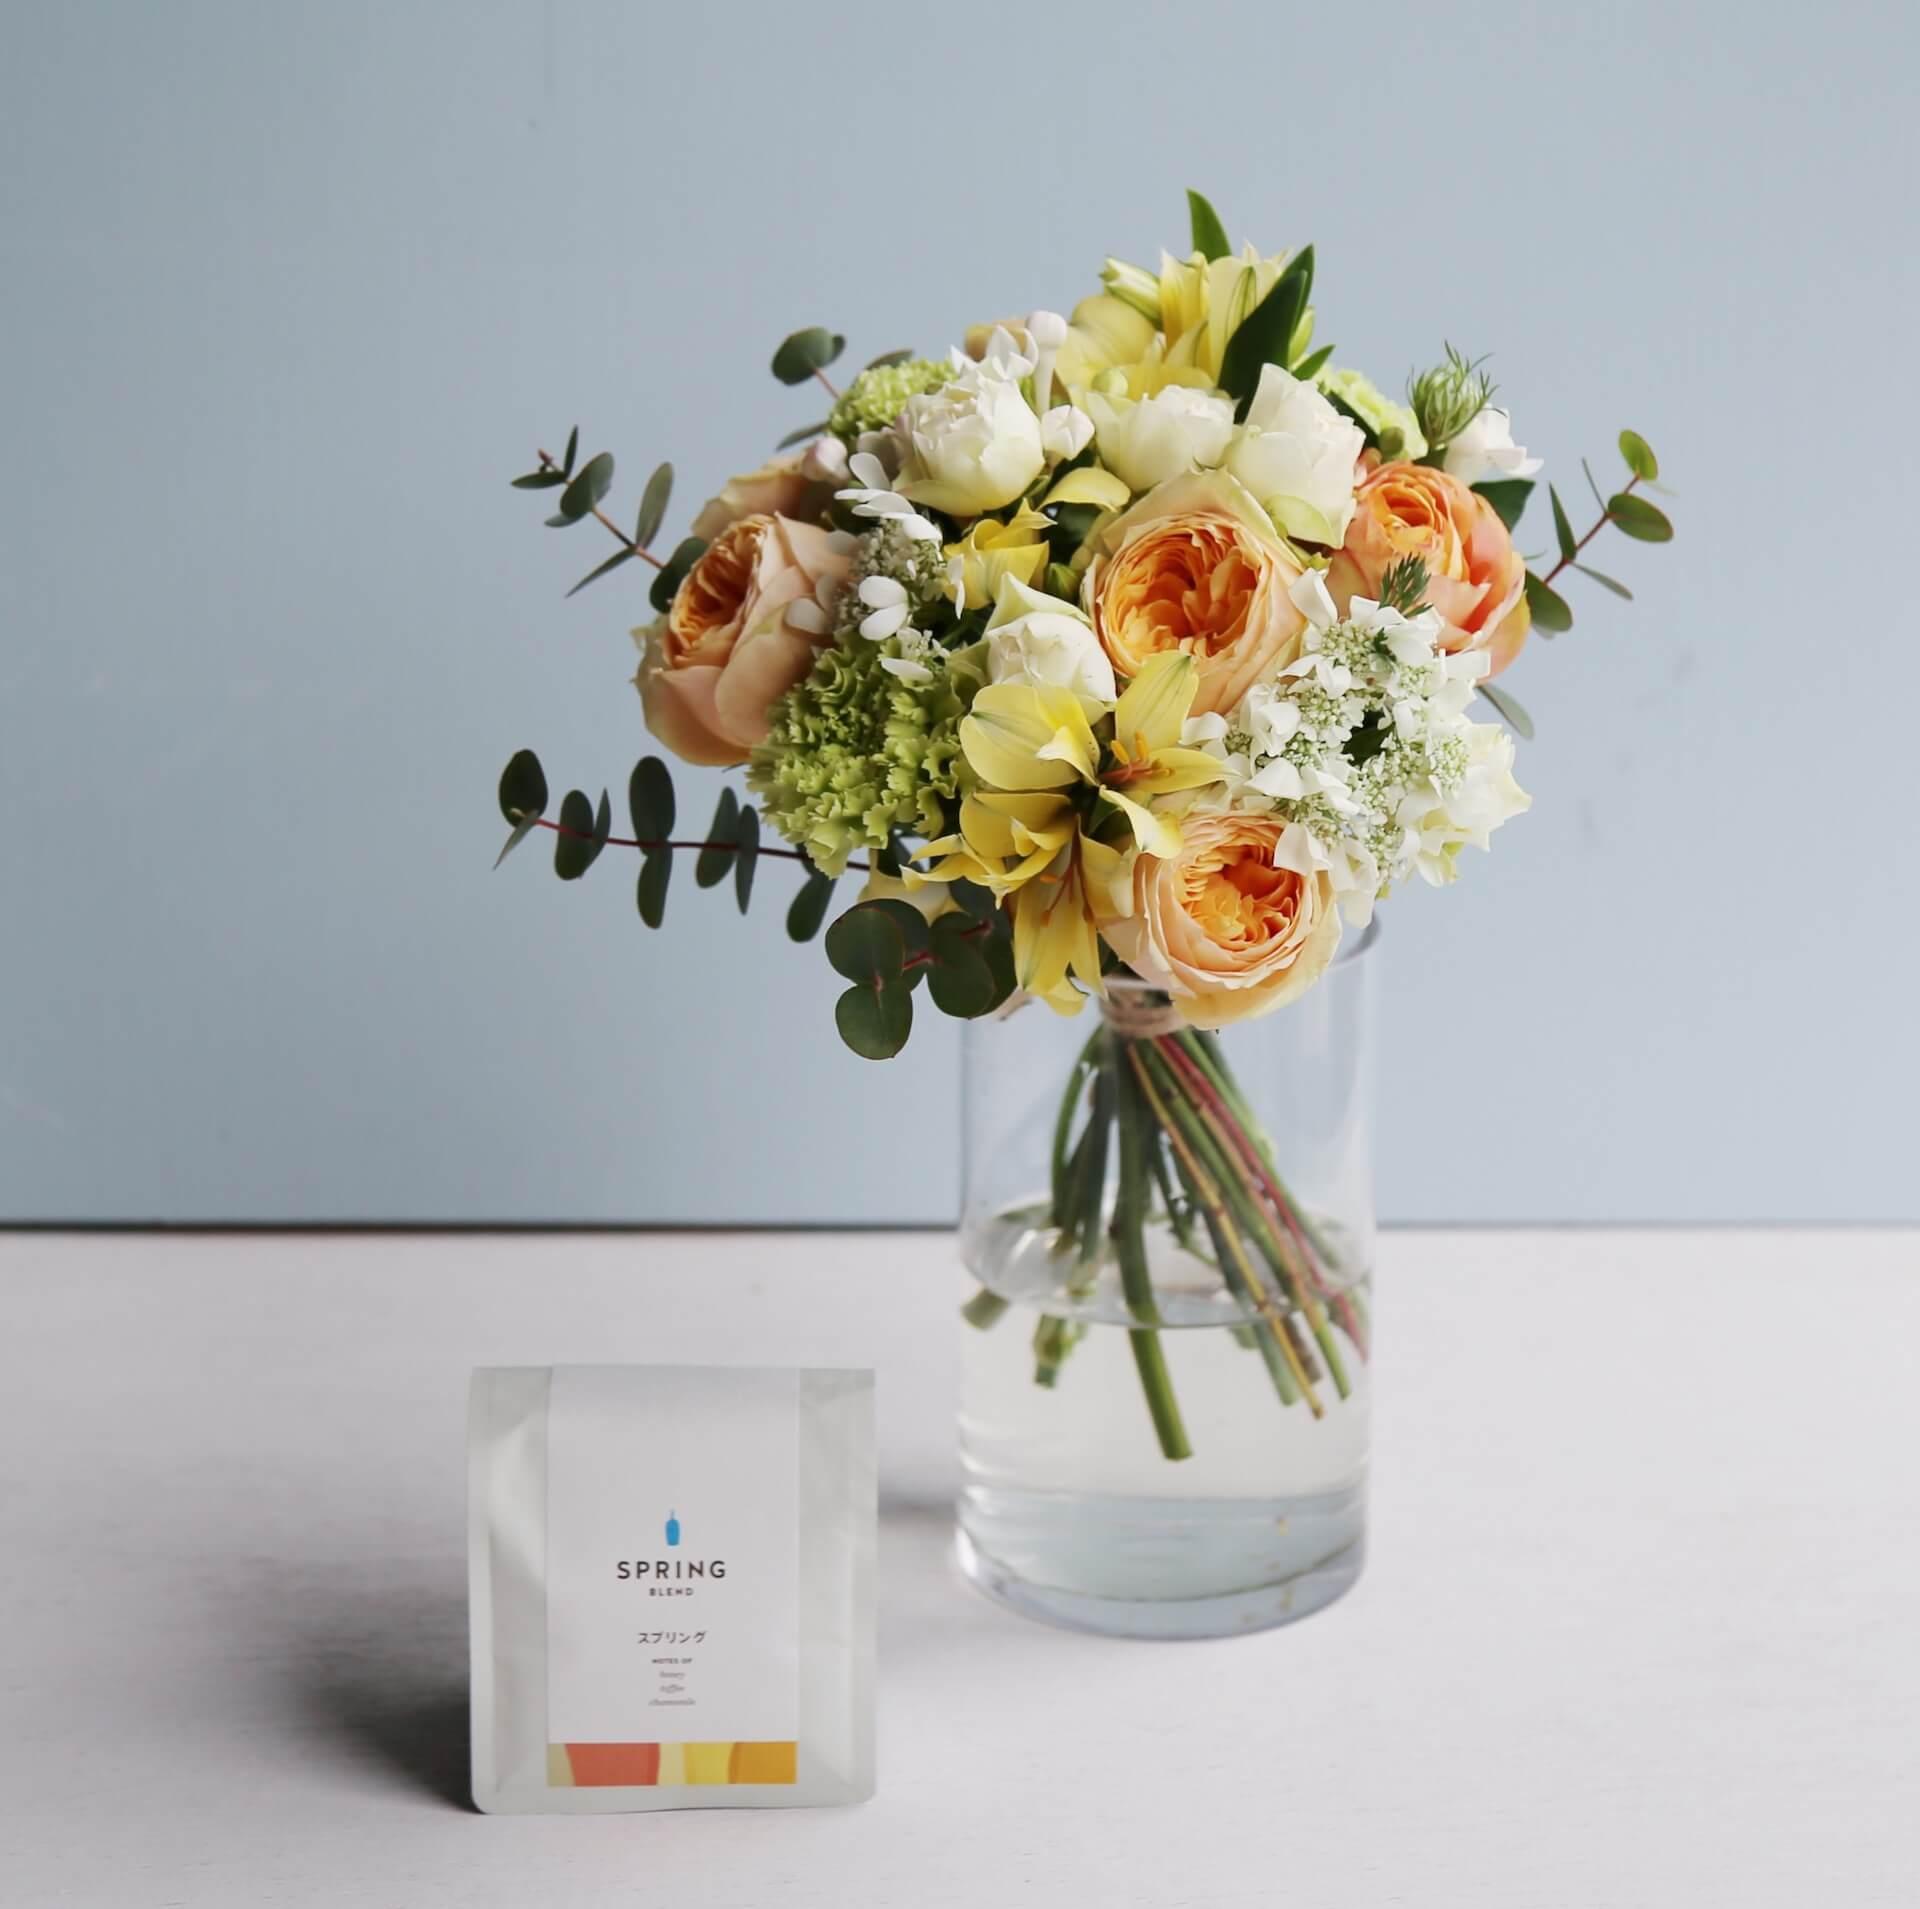 季節の花とコーヒーの母の日ギフトが登場!フラワーアレンジメント、ブーケと「スプリングブレンド」コーヒーがセットに lf200428_mothersdaygift_02